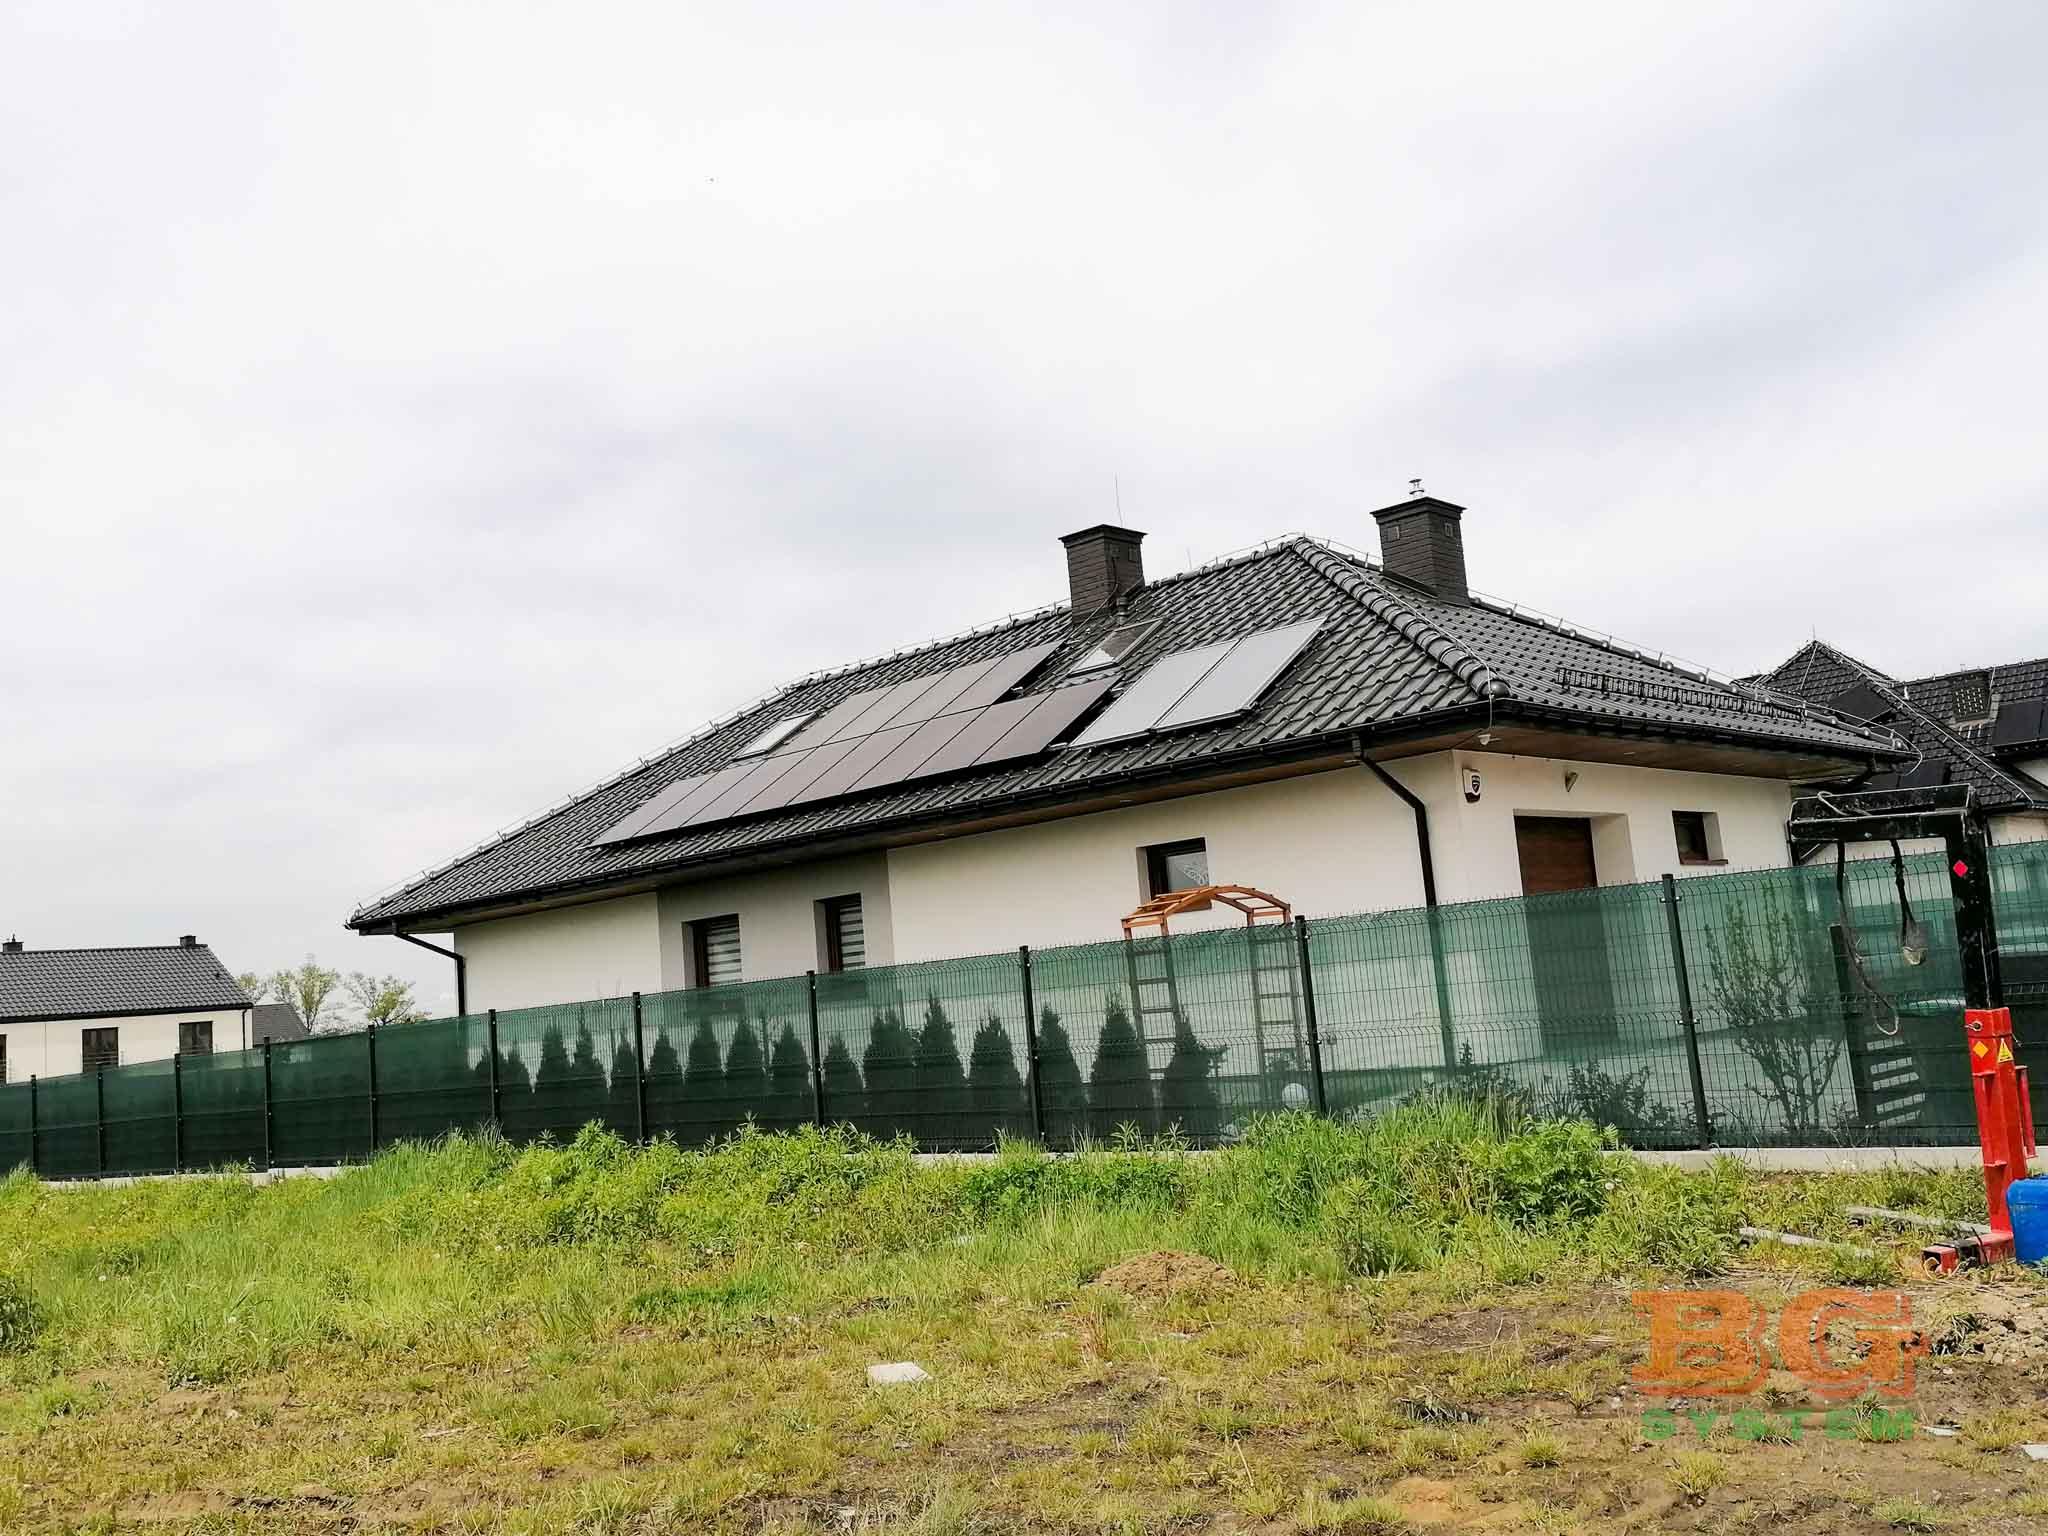 Zdjęcia z inwestycji w ramach PONE przy ulicy Strzelca w Zabrzu, wykonawca – BG System